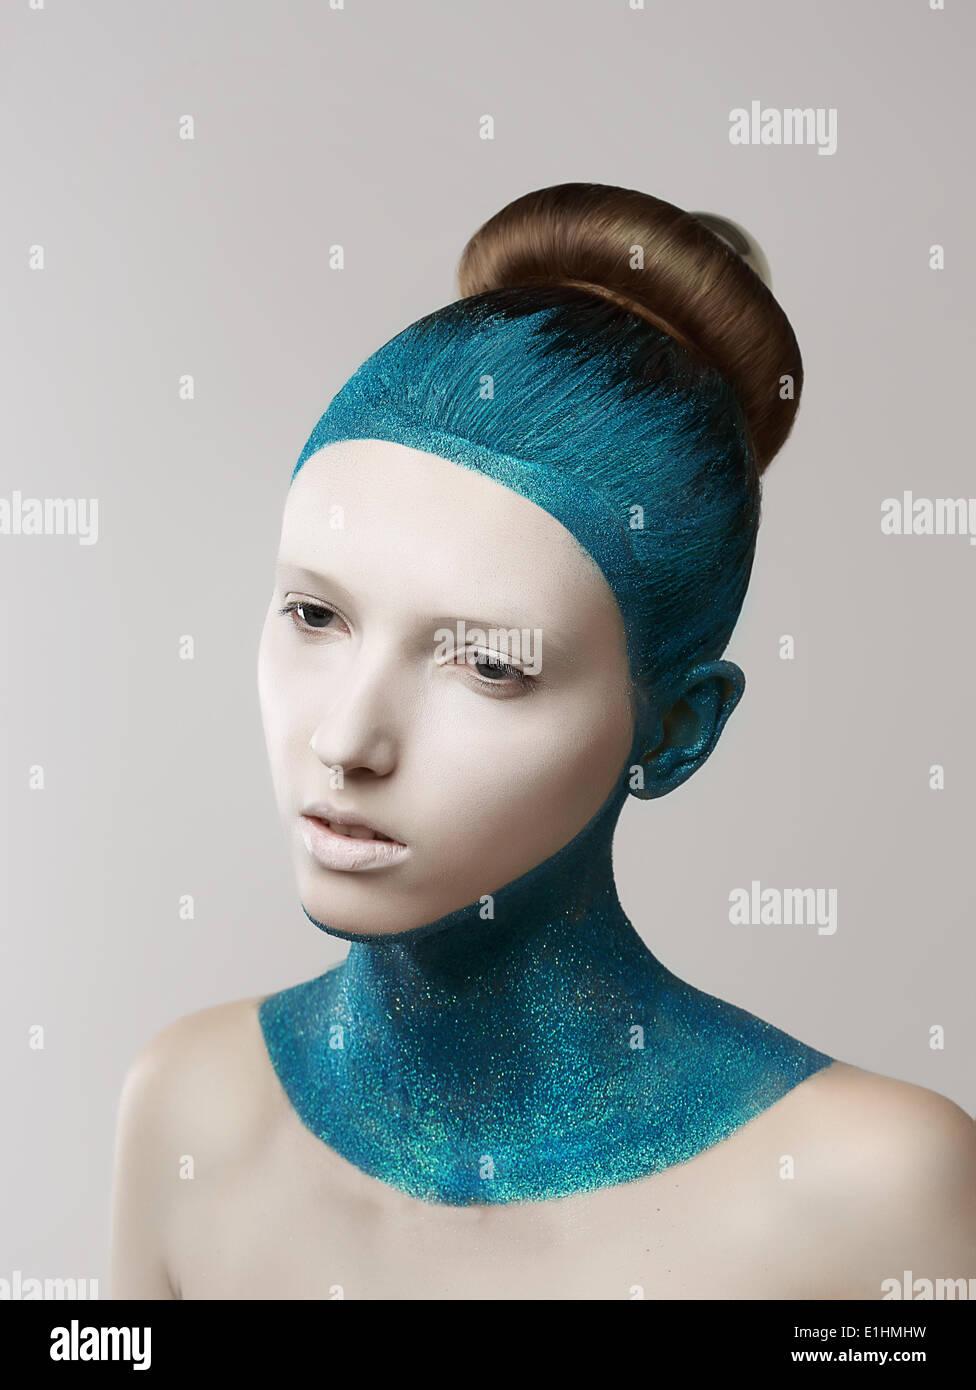 L'espressione. La fantasia. Donna eccentrica con dipinto di blu la pelle e i capelli. Colorazione Immagini Stock